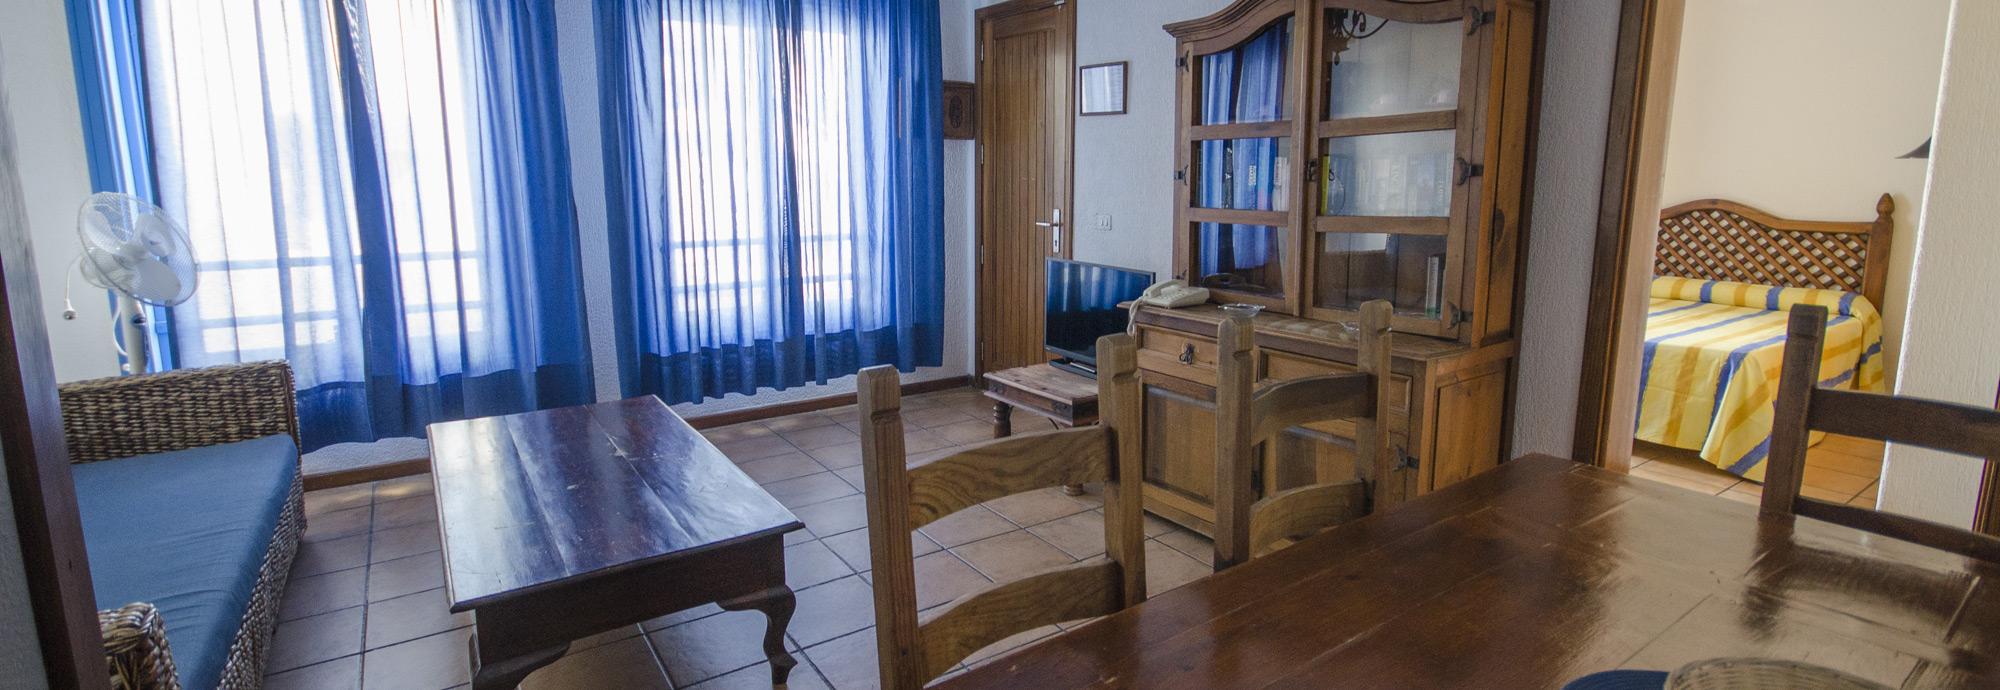 Apartments Agua Marina Lanzarote Loyalty Program  # Muebles Kitea Lanzarote